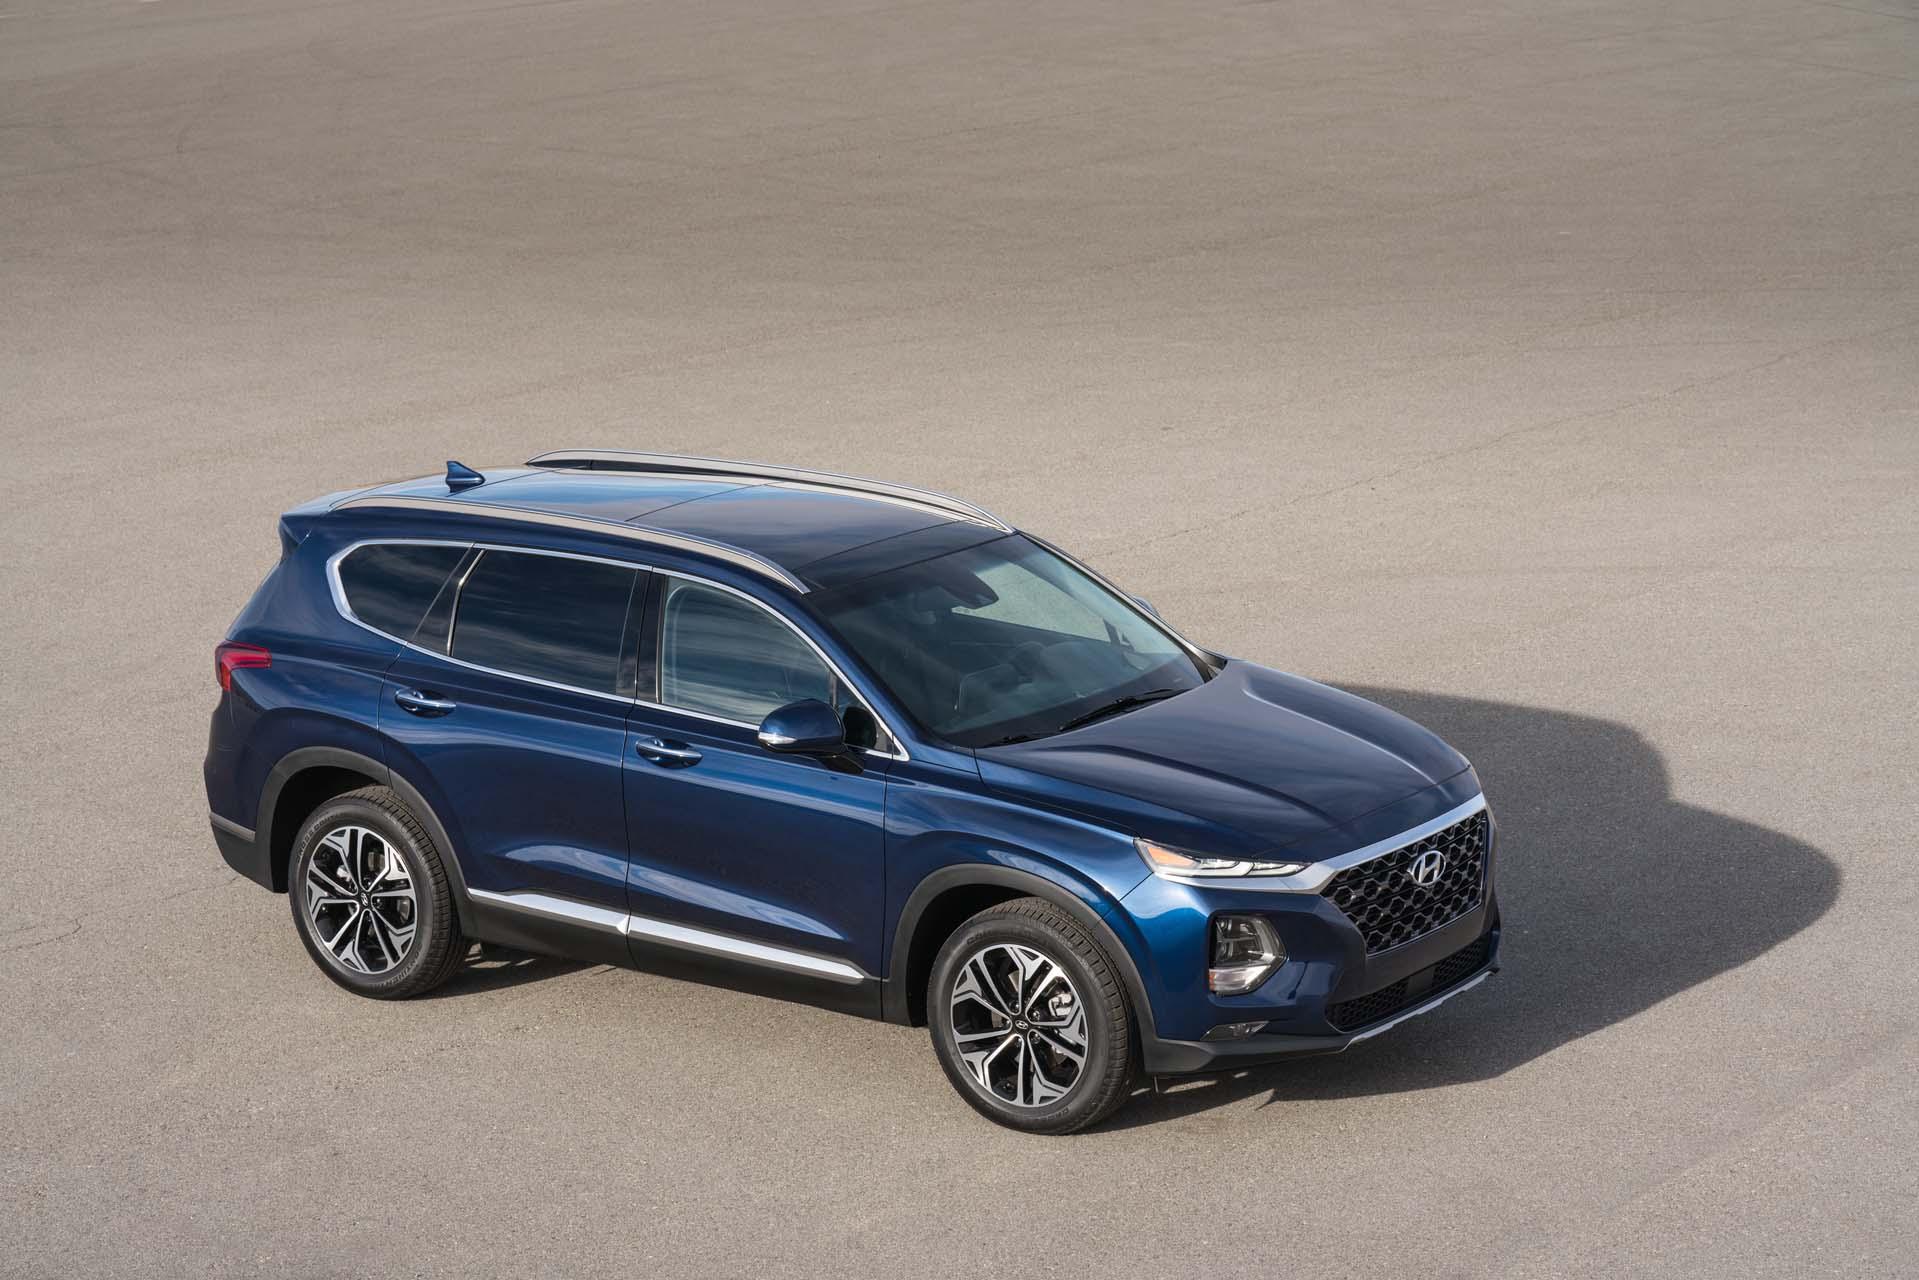 RIP 2019 Hyundai Santa Fe diesel, we never knew ye